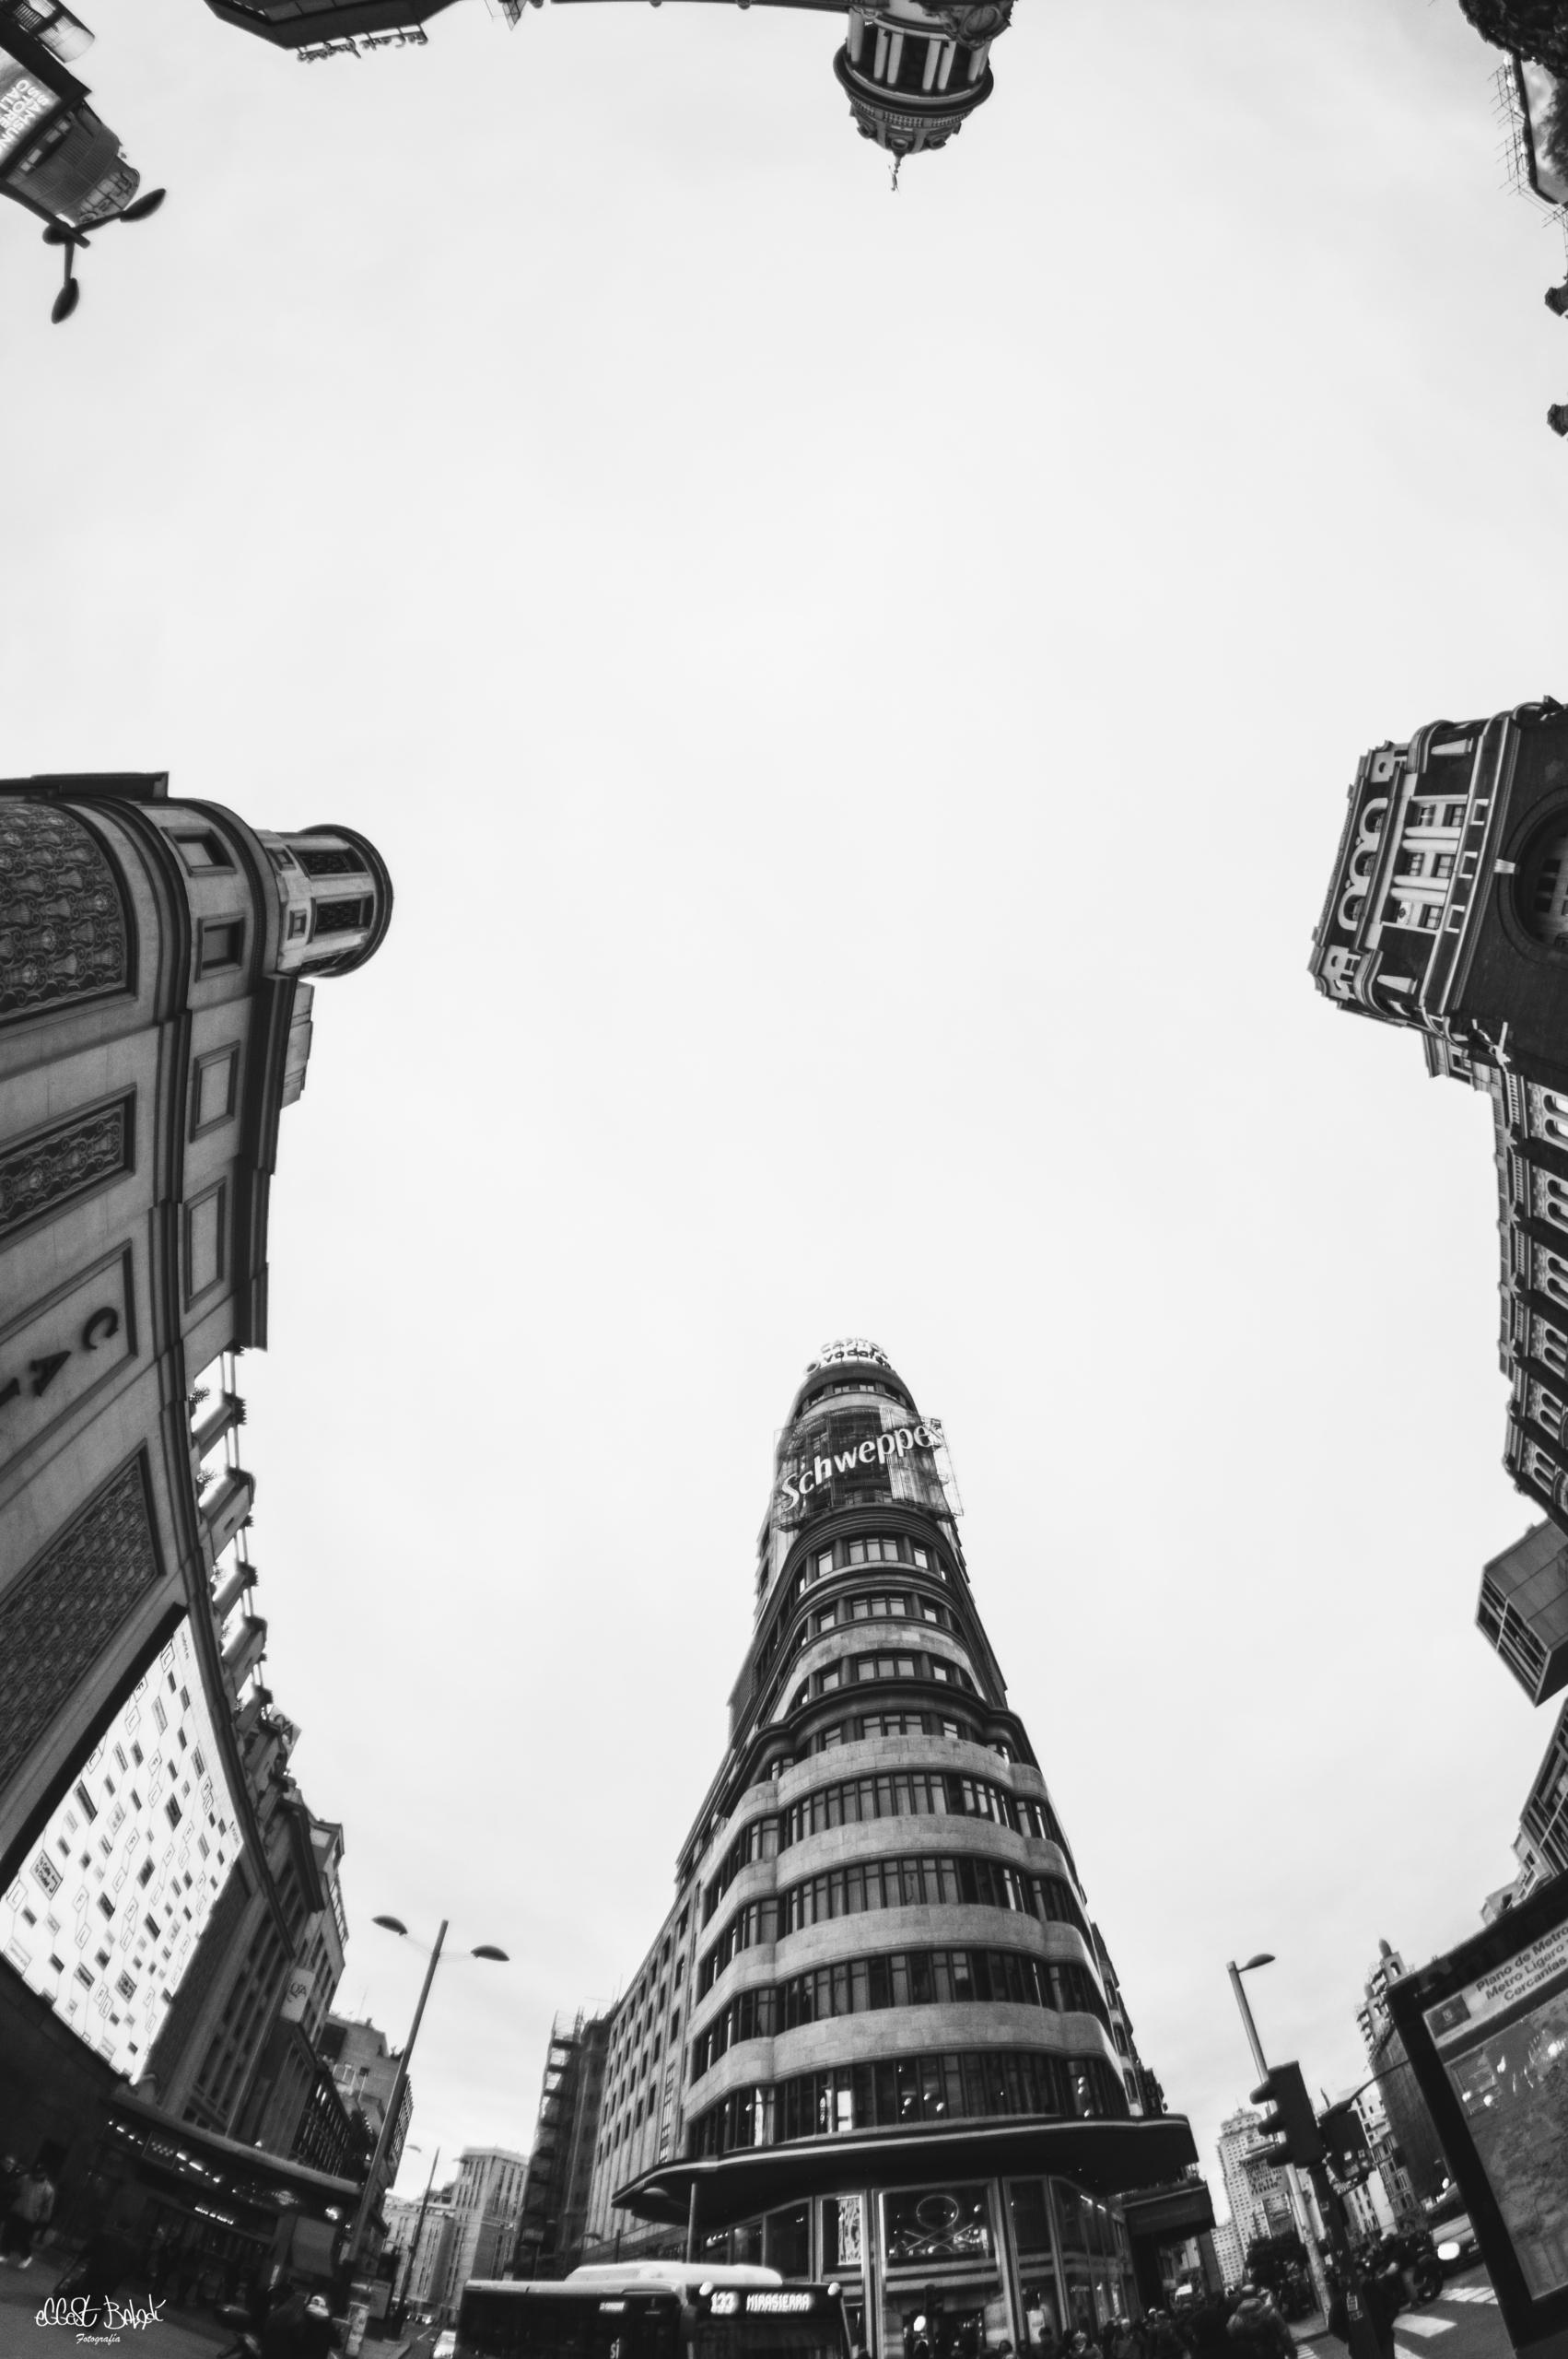 GranVia, Architechture, Madrid - eggest | ello